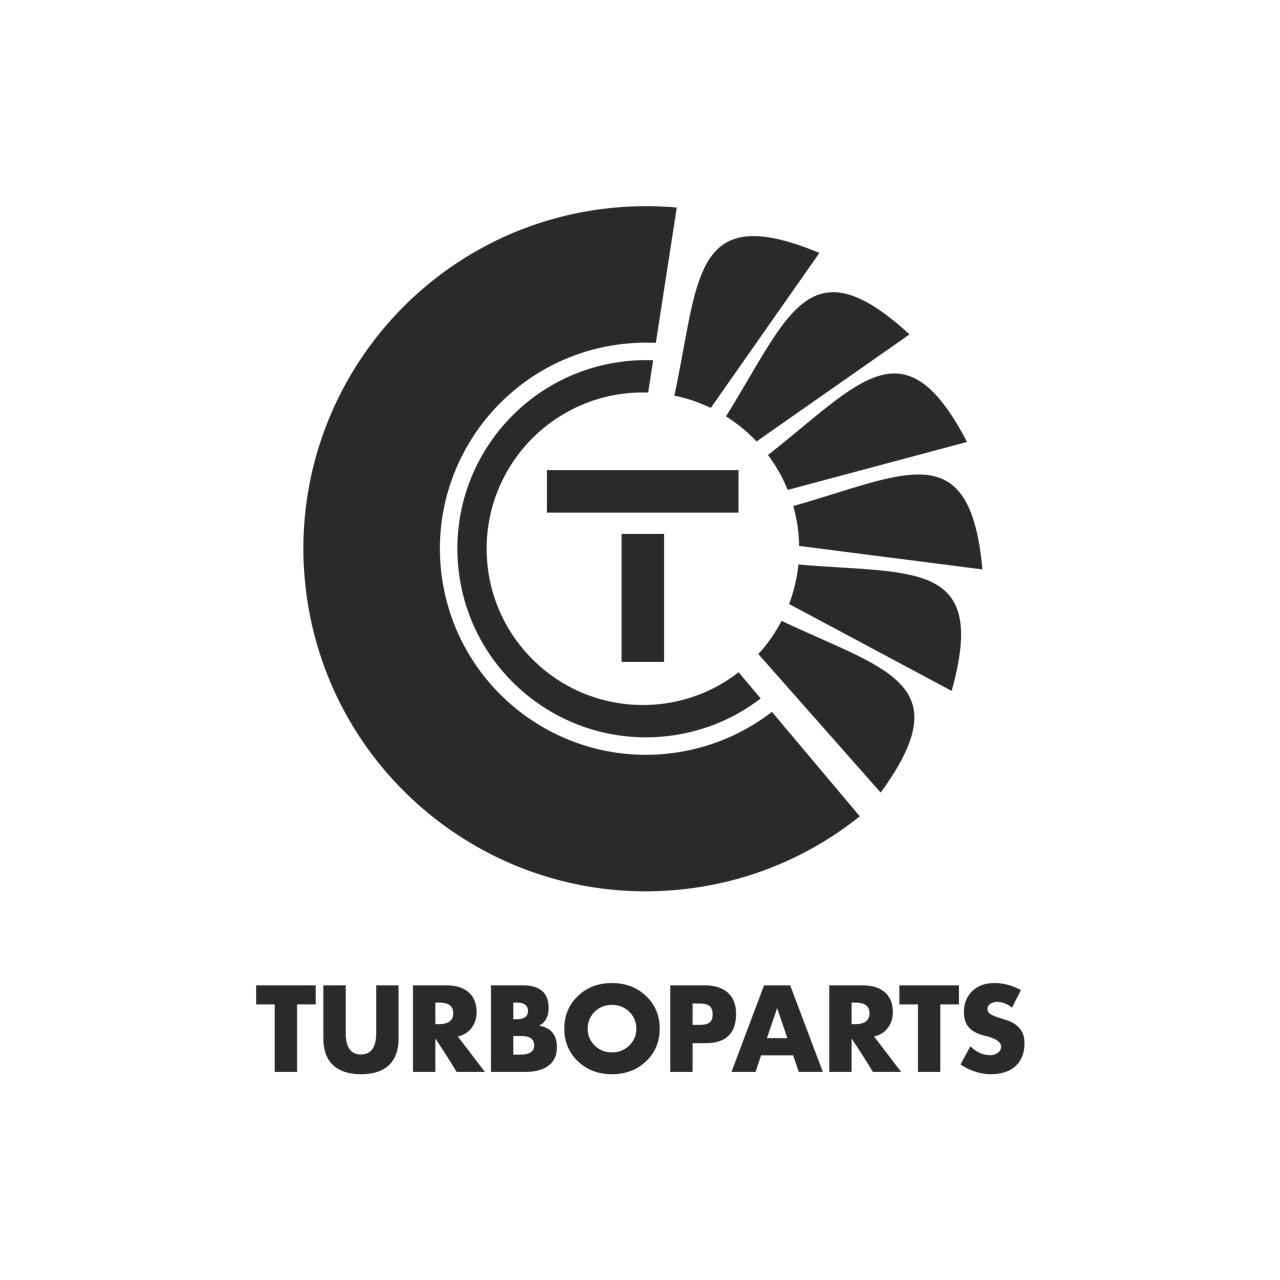 Turboparts 에-한국 자동차 부품 제조업체